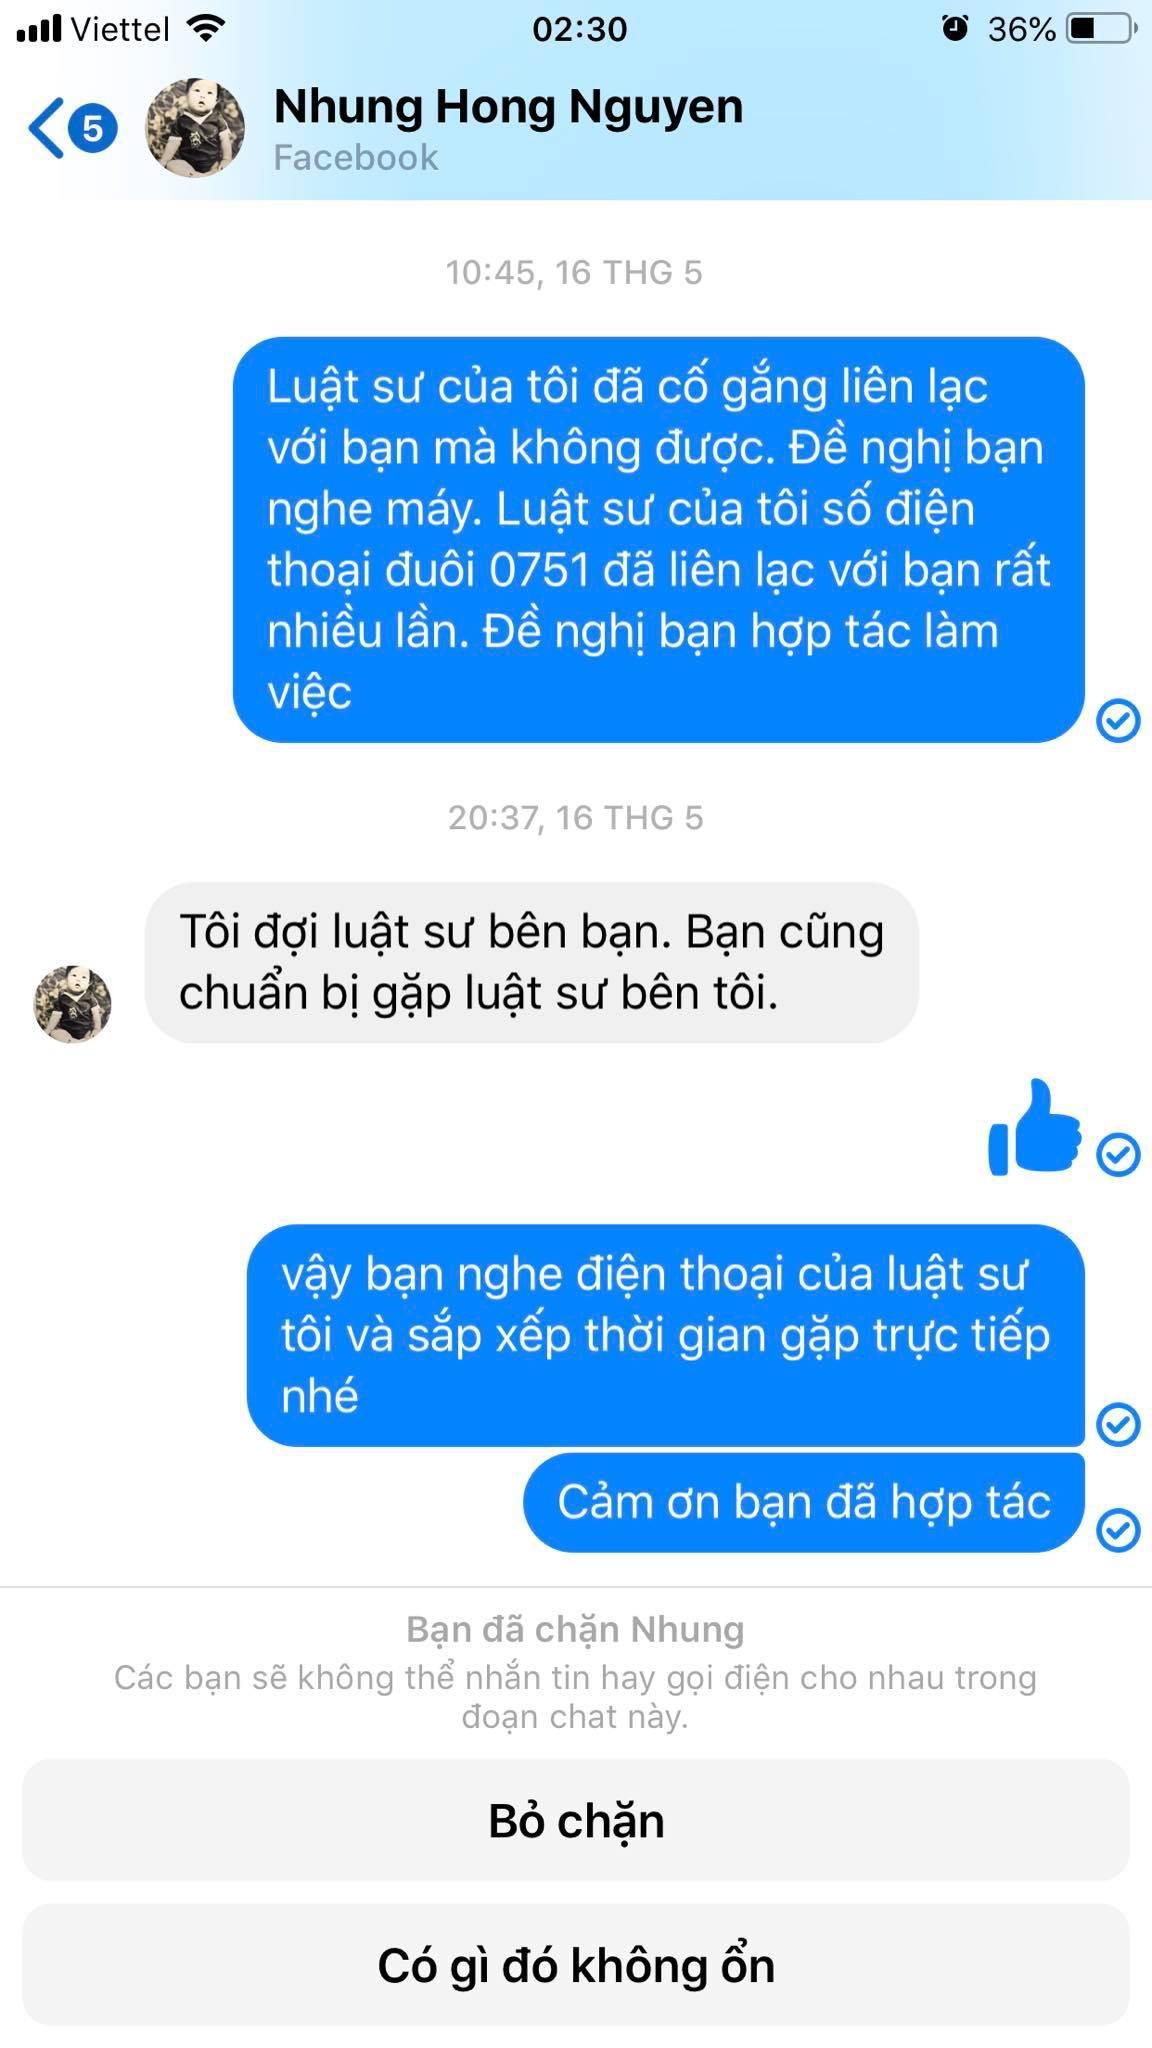 Nguyễn Hồng Nhung - bà xã Xuân Bắc bất ngờ bị tố đã bôi nhọ, sỉ nhục người khác, nếu không dừng lại sẽ khởi kiện-6